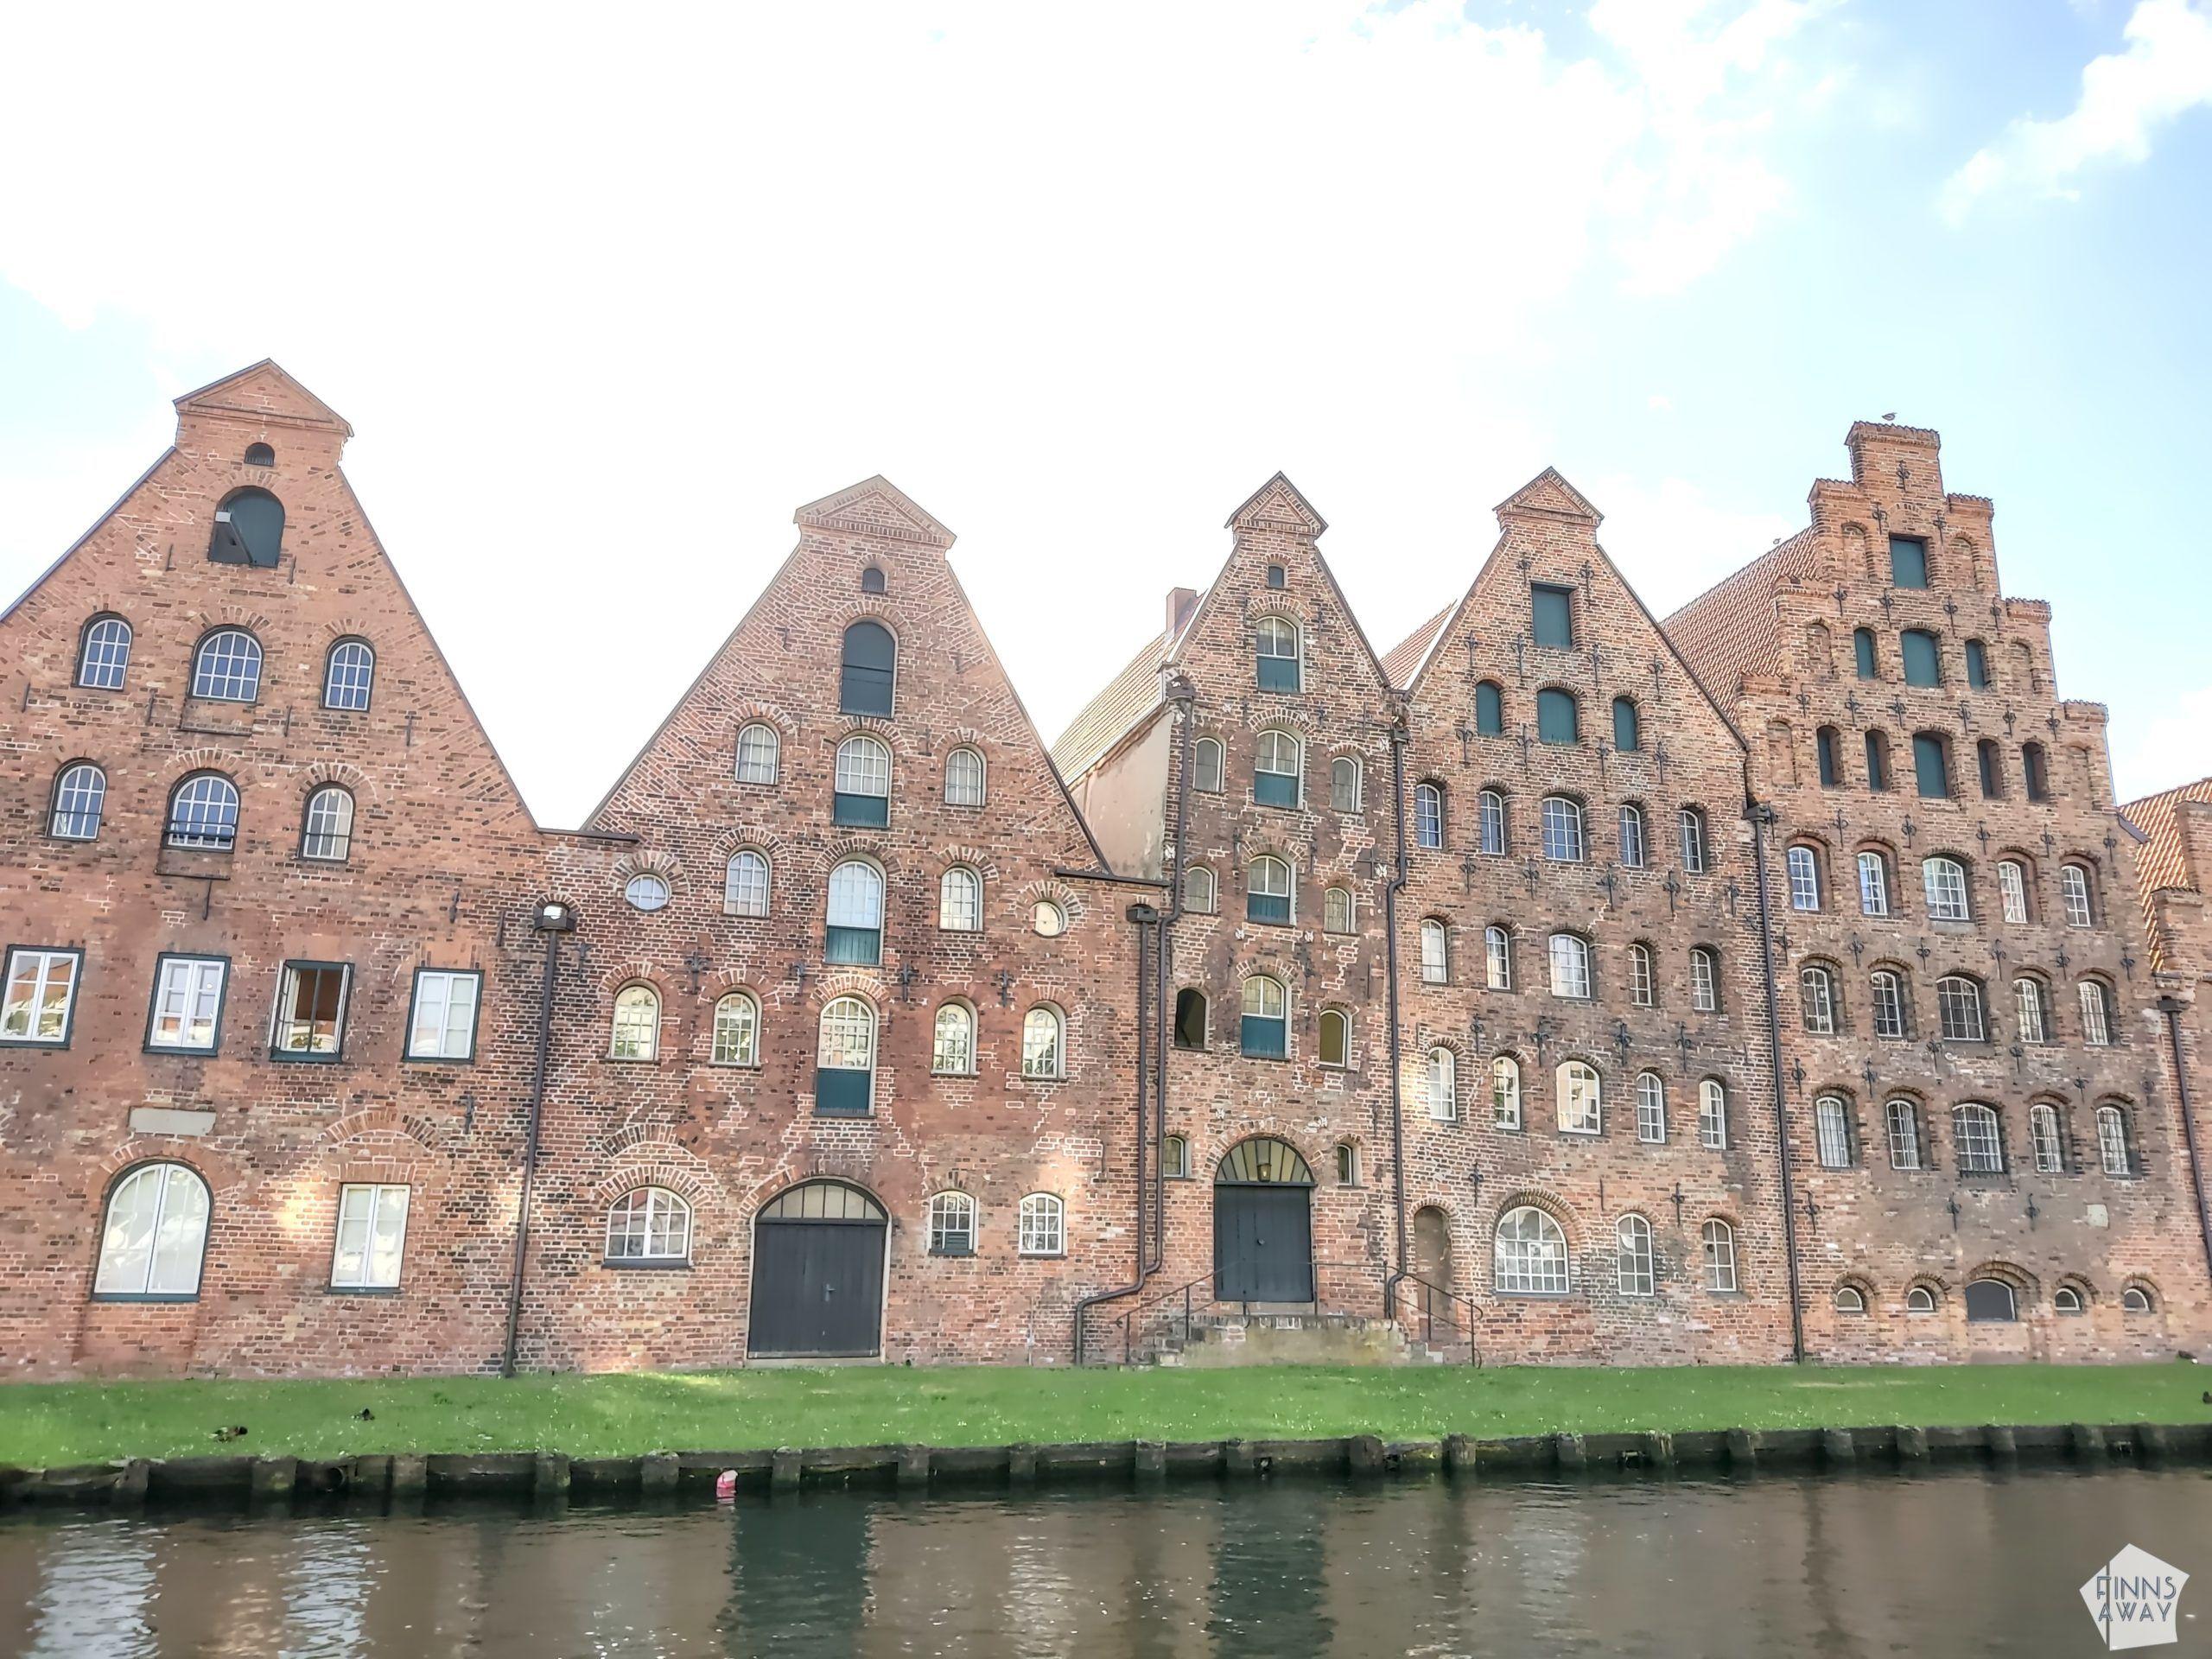 Die Salzspeicher, Salt Storages   Postcards from Lübeck, Germany   FinnsAway Travel Blog